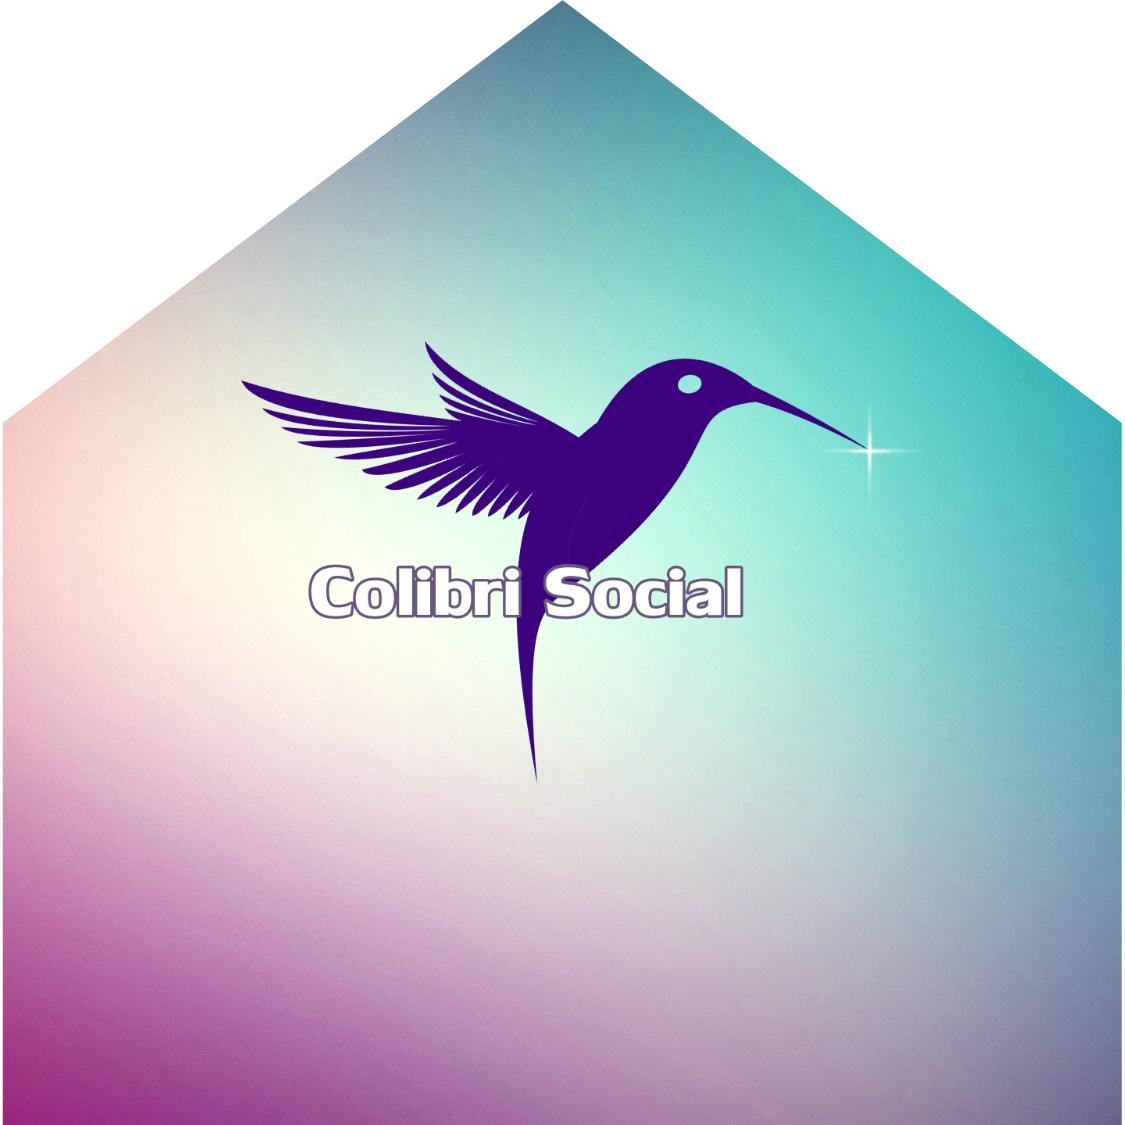 Дизайнер, разработка логотипа компании фото f_564557ec1b0c92a4.jpg